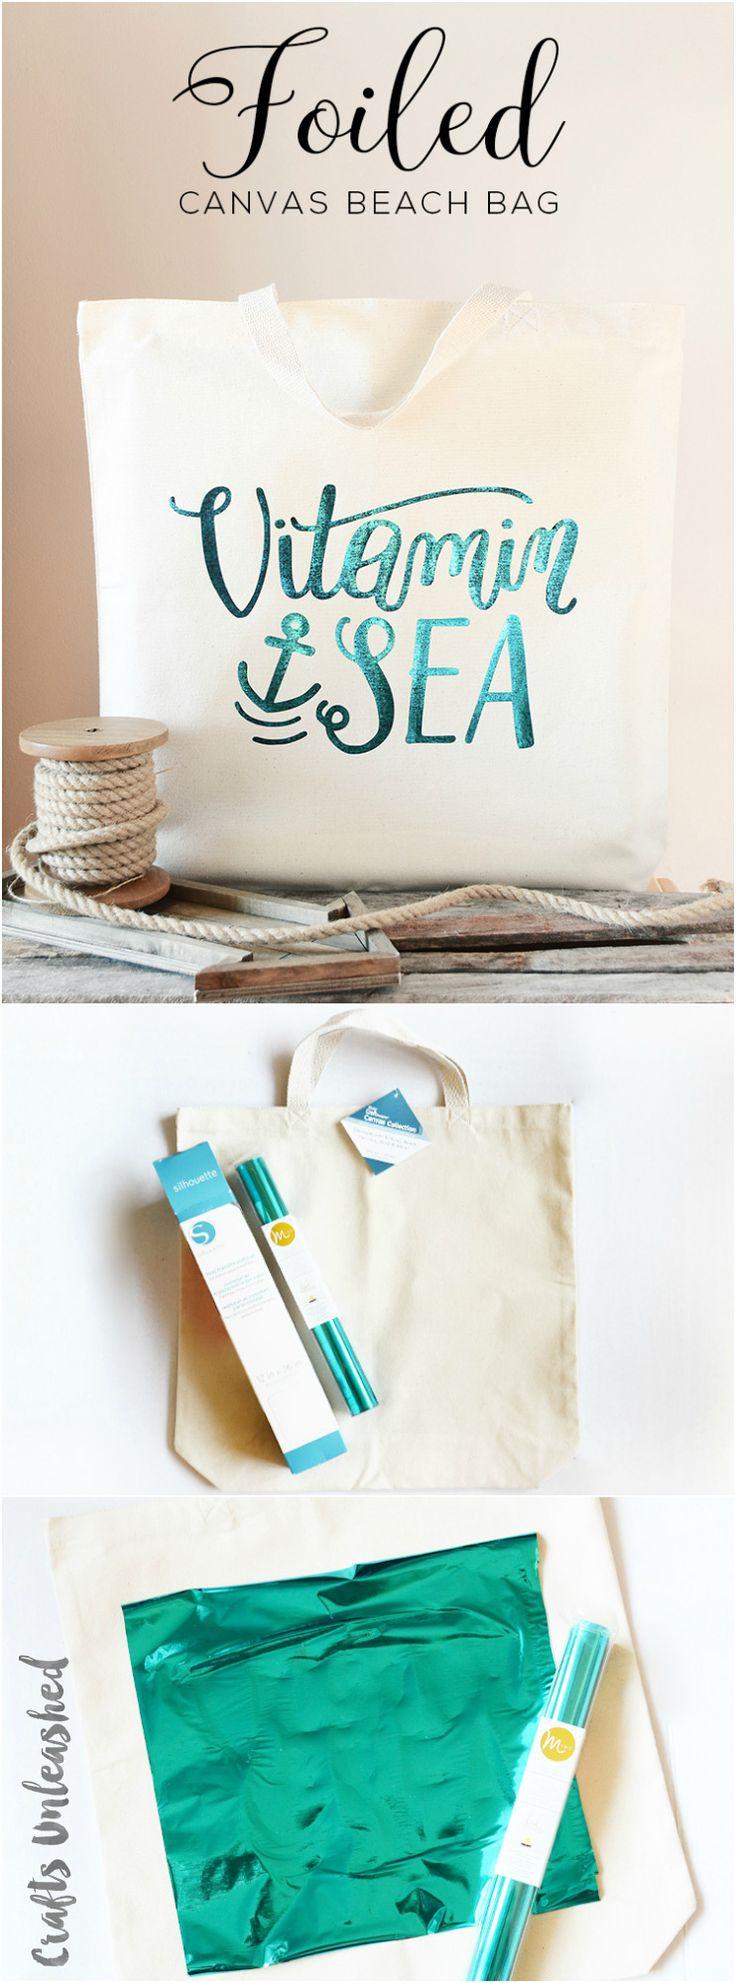 Foiled Canvas DIY Beach Bag